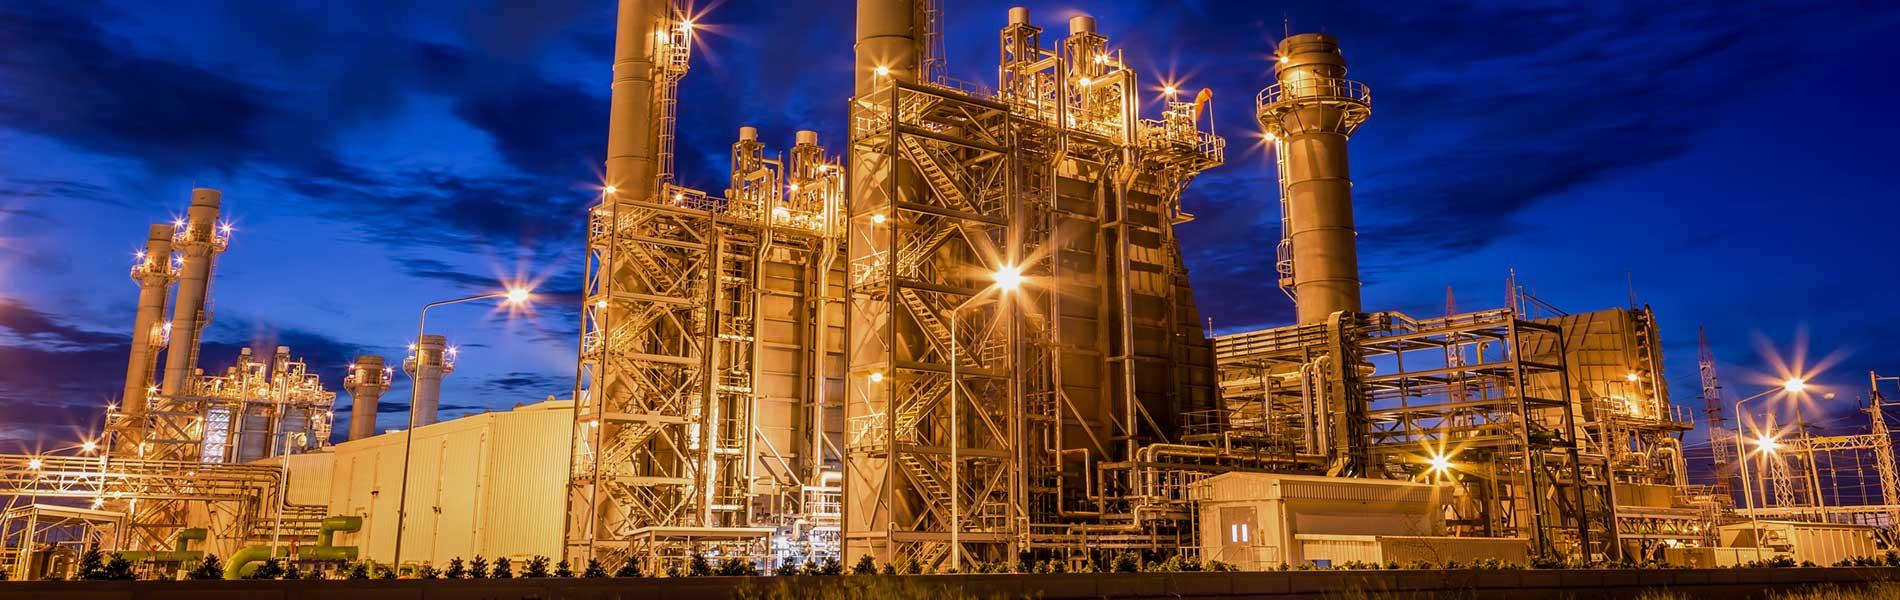 Refineries.jpg